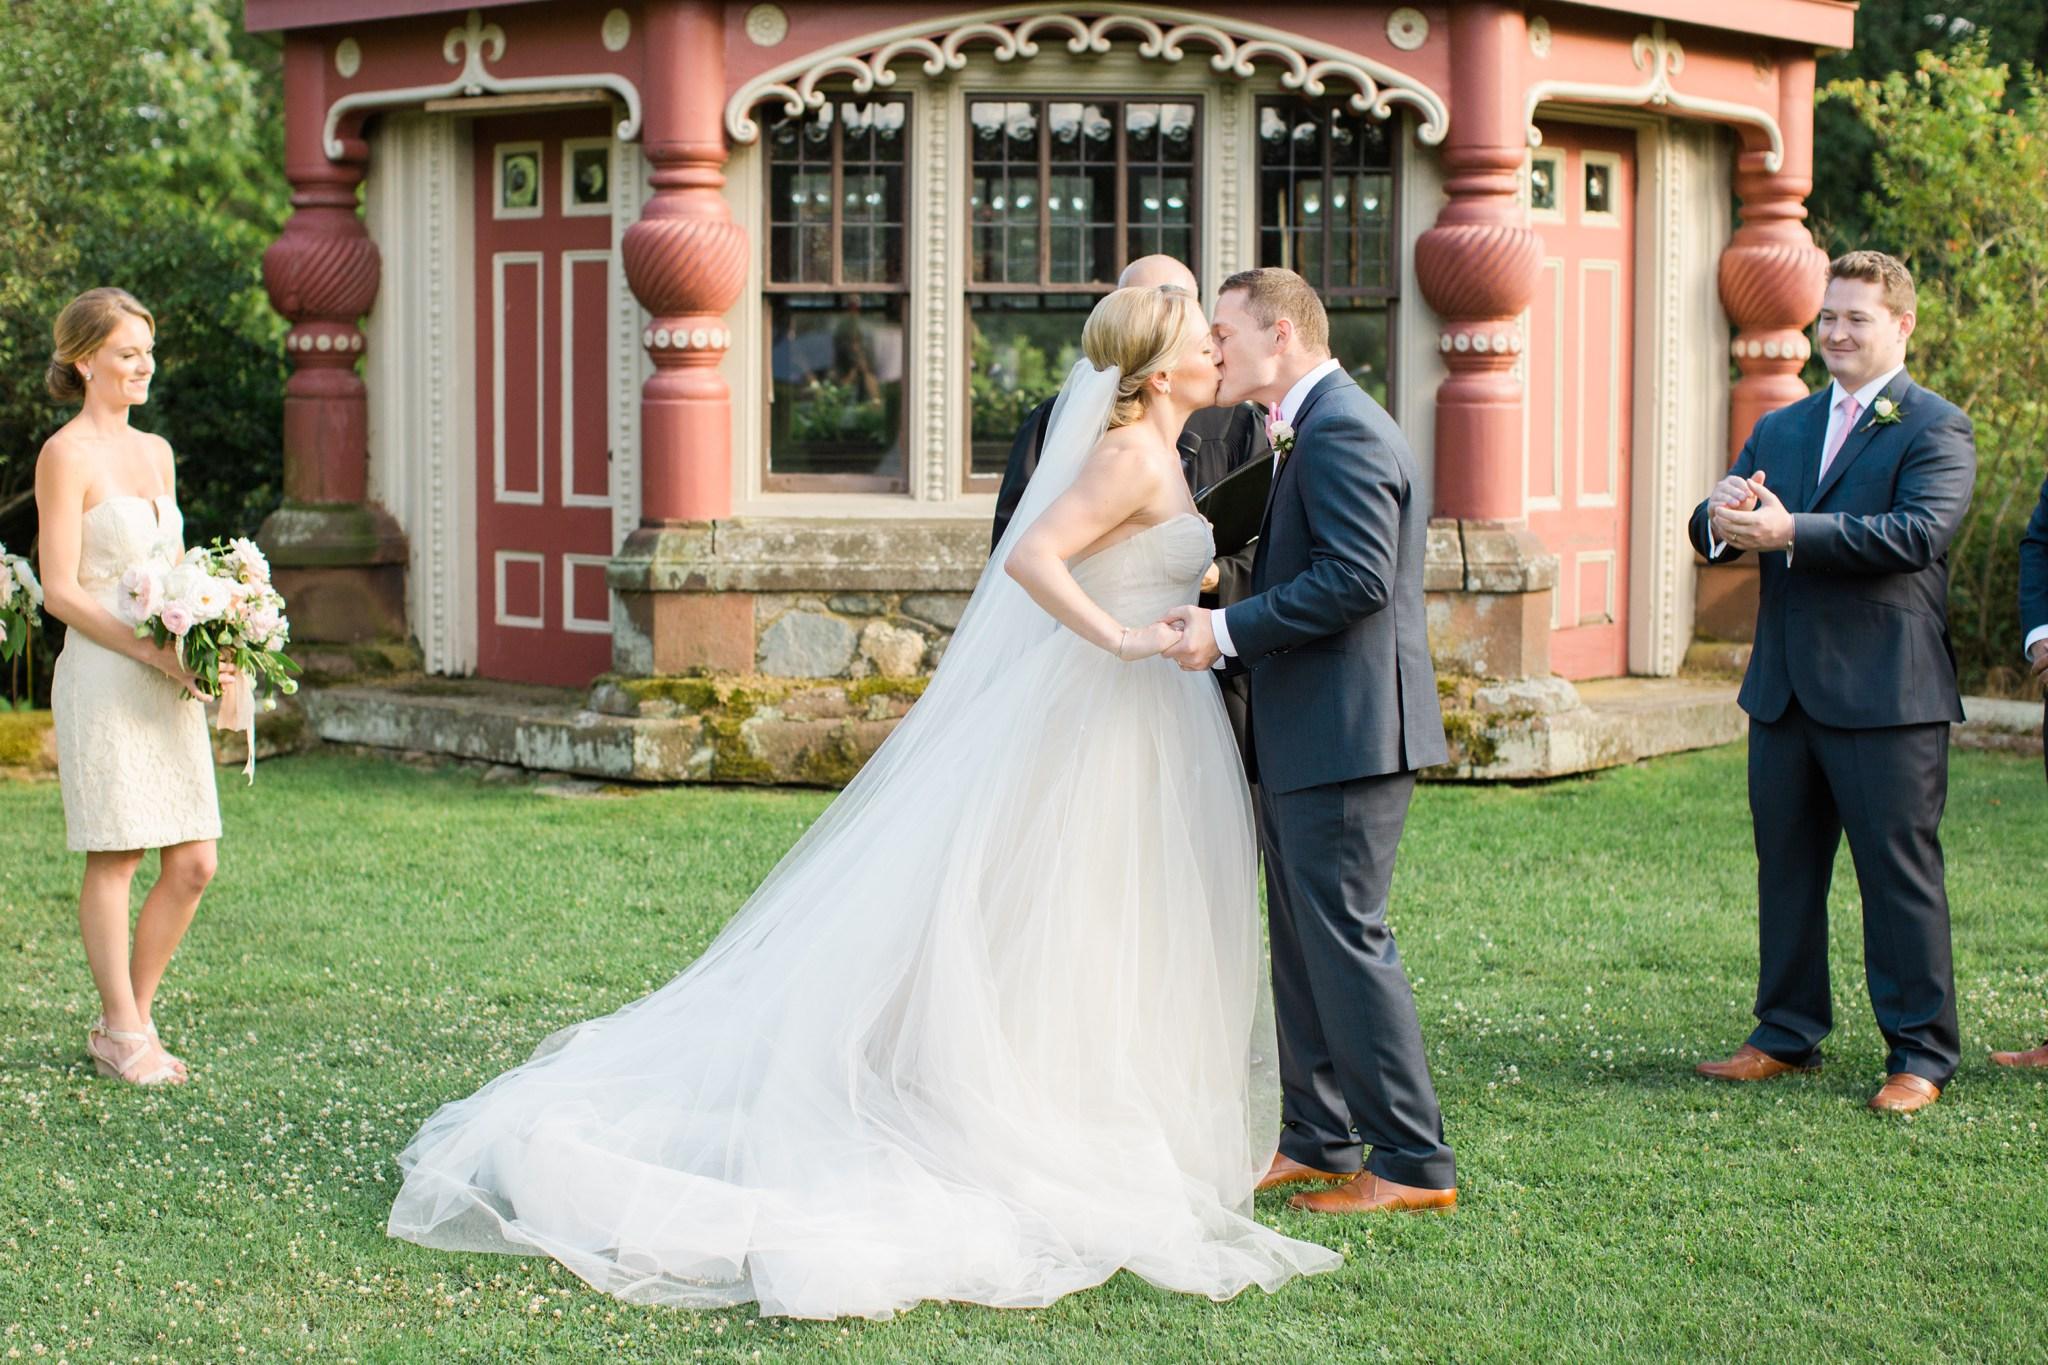 moraine_farm_wedding_deborah_zoe_0046.JPG